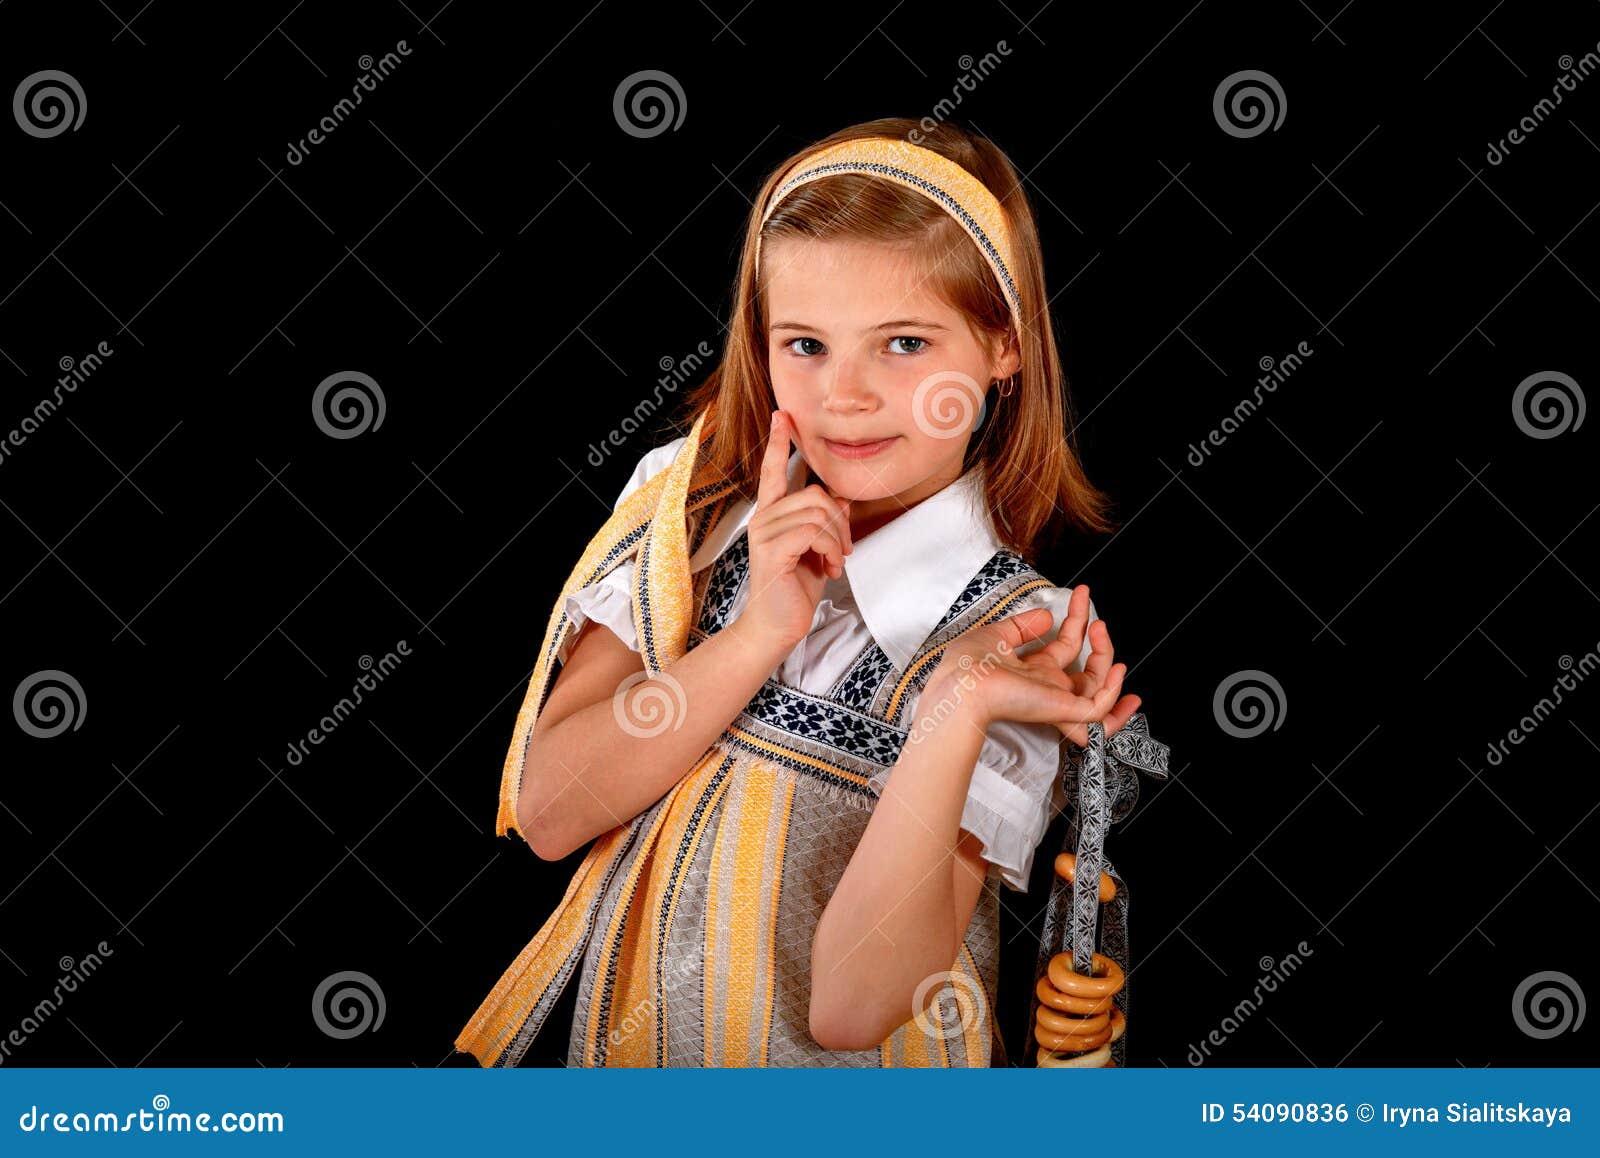 Portret van een Russisch meisje in nationale kleding en ongezuurde broodjes